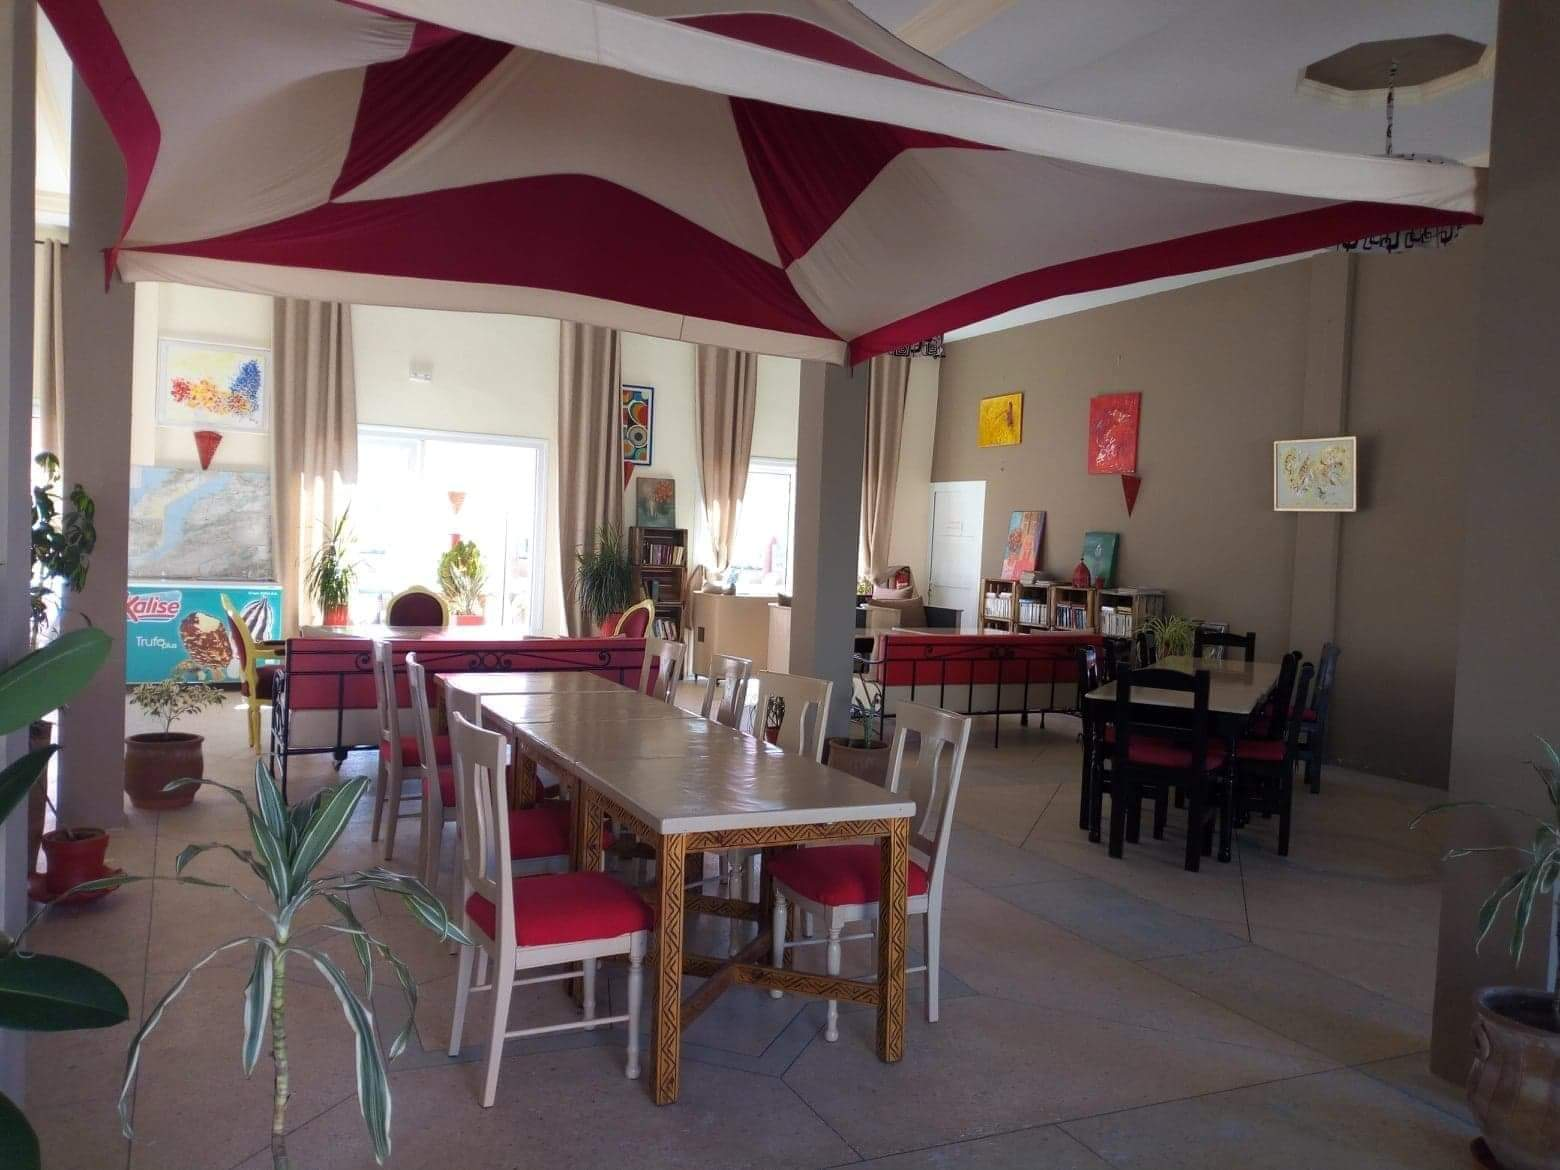 Salle intérieure du restaurant du camping à vendre près d'Agadir au Maroc